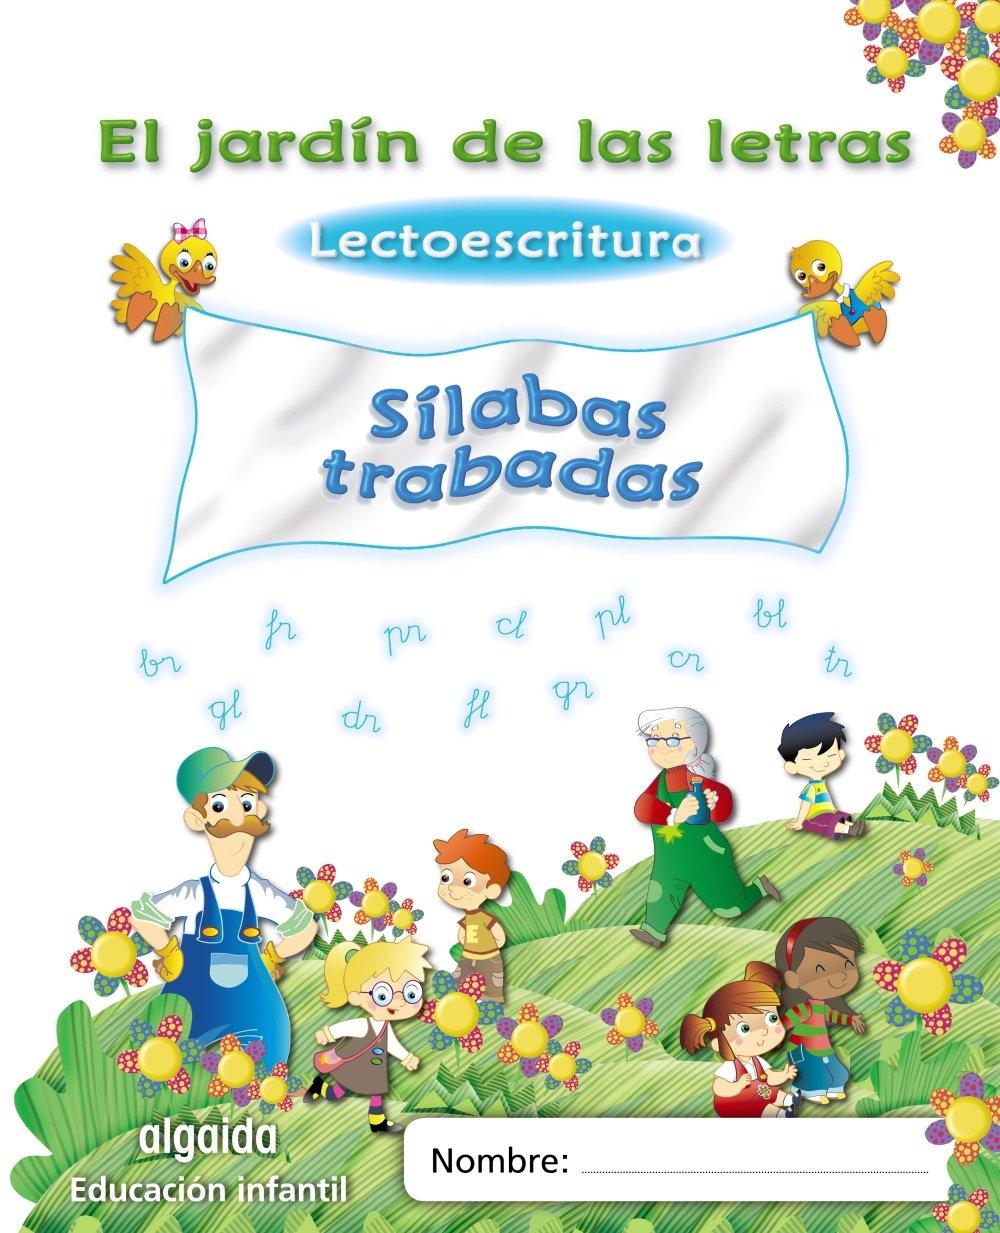 El jardín de las letras. Sílabas trabadas Educación Infantil Algaida. Lectoescritura - 9788498775860: Amazon.es: Campuzano Valiente, María Dolores: Libros